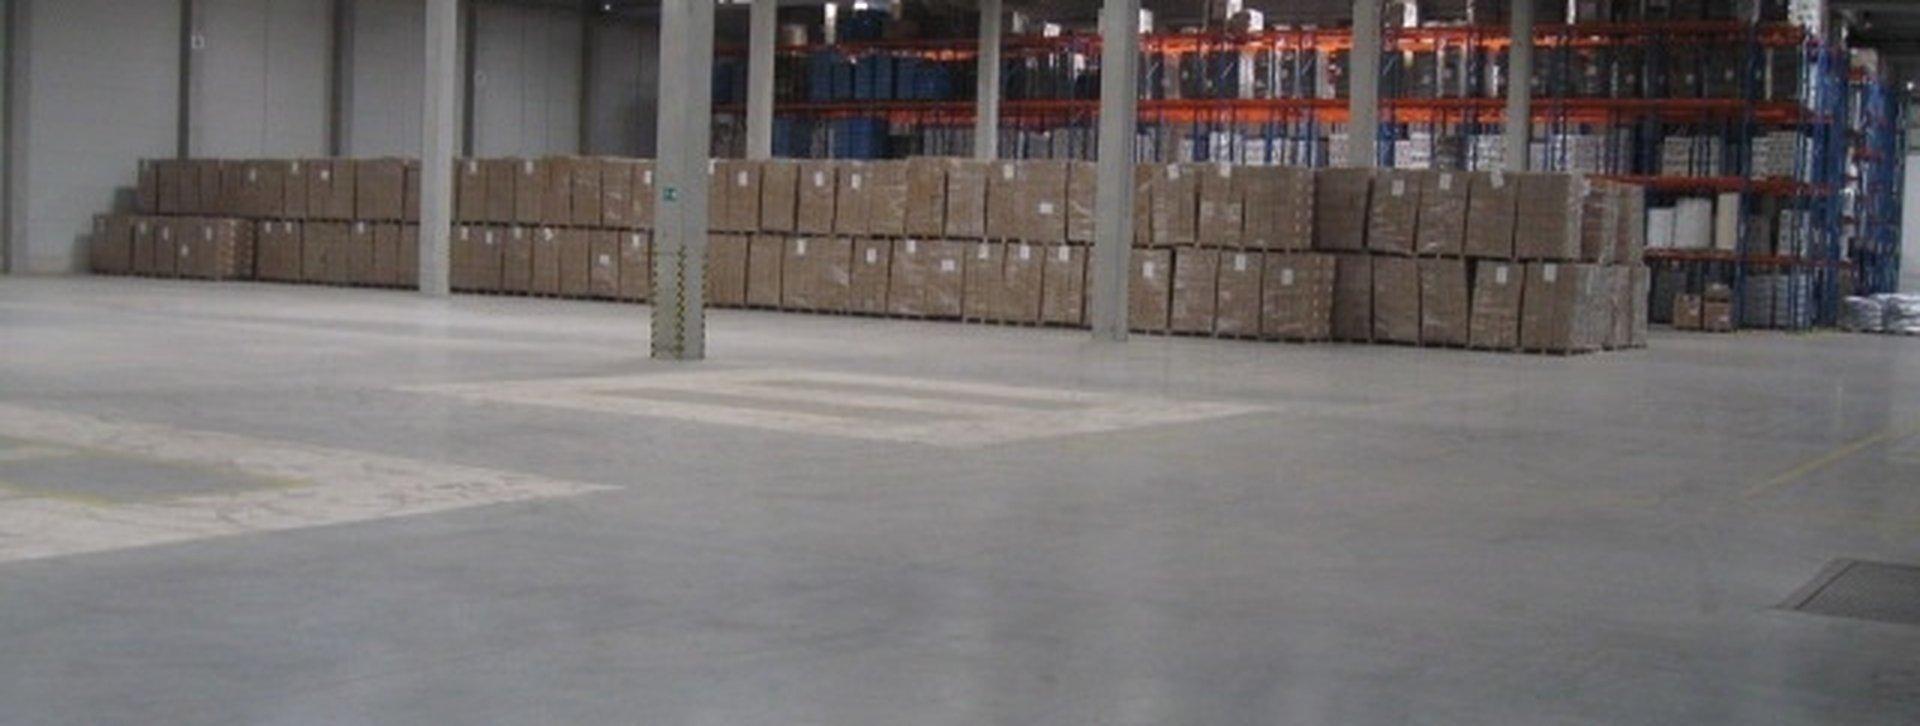 pronajem-se-sluzbami-5-248-m2-logisticke-centrum-liberec-ii-3482